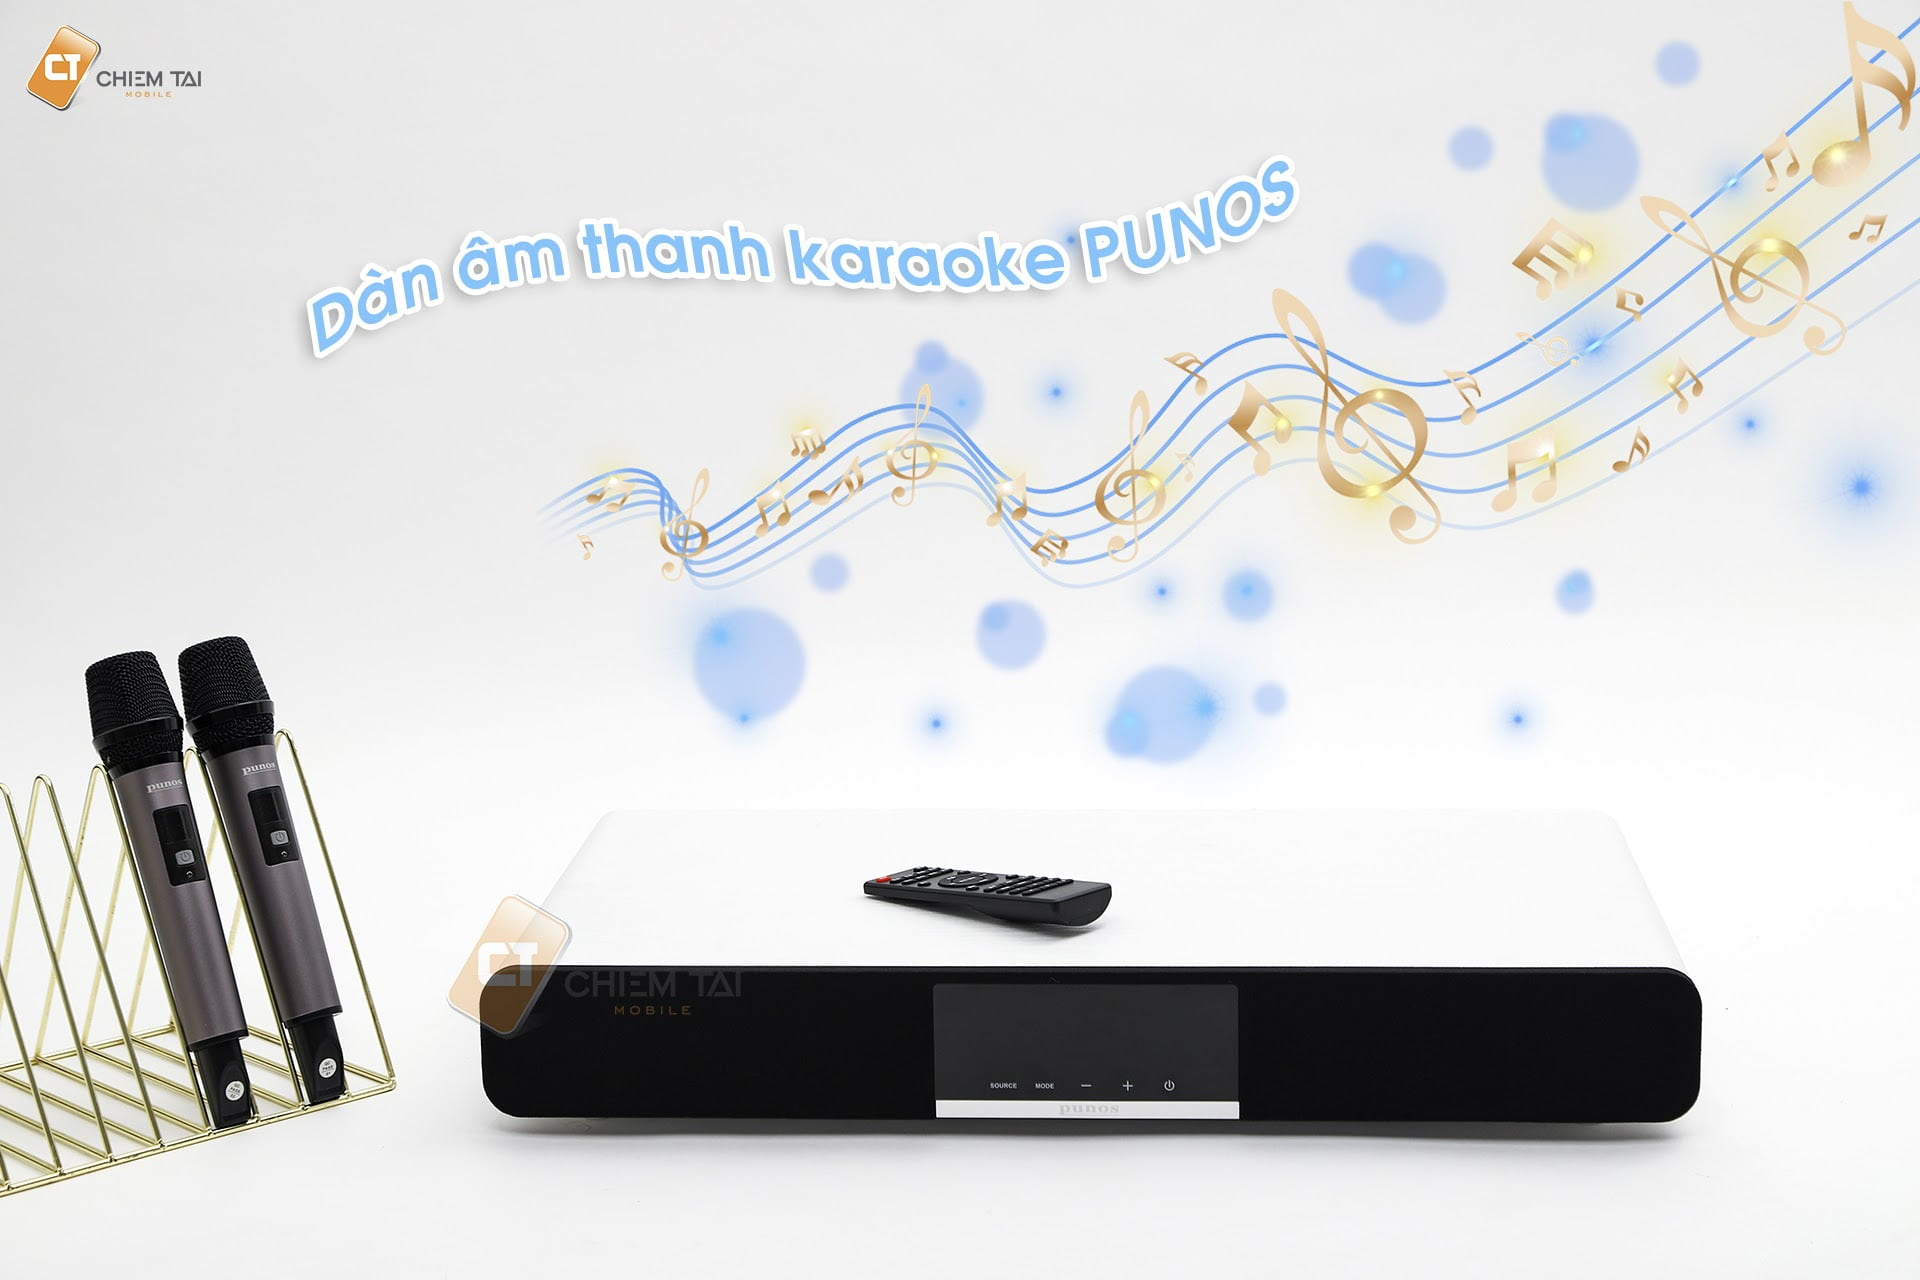 dan soundbar am thanh karaoke cao cap punos ps 26 605da2dcacdfb